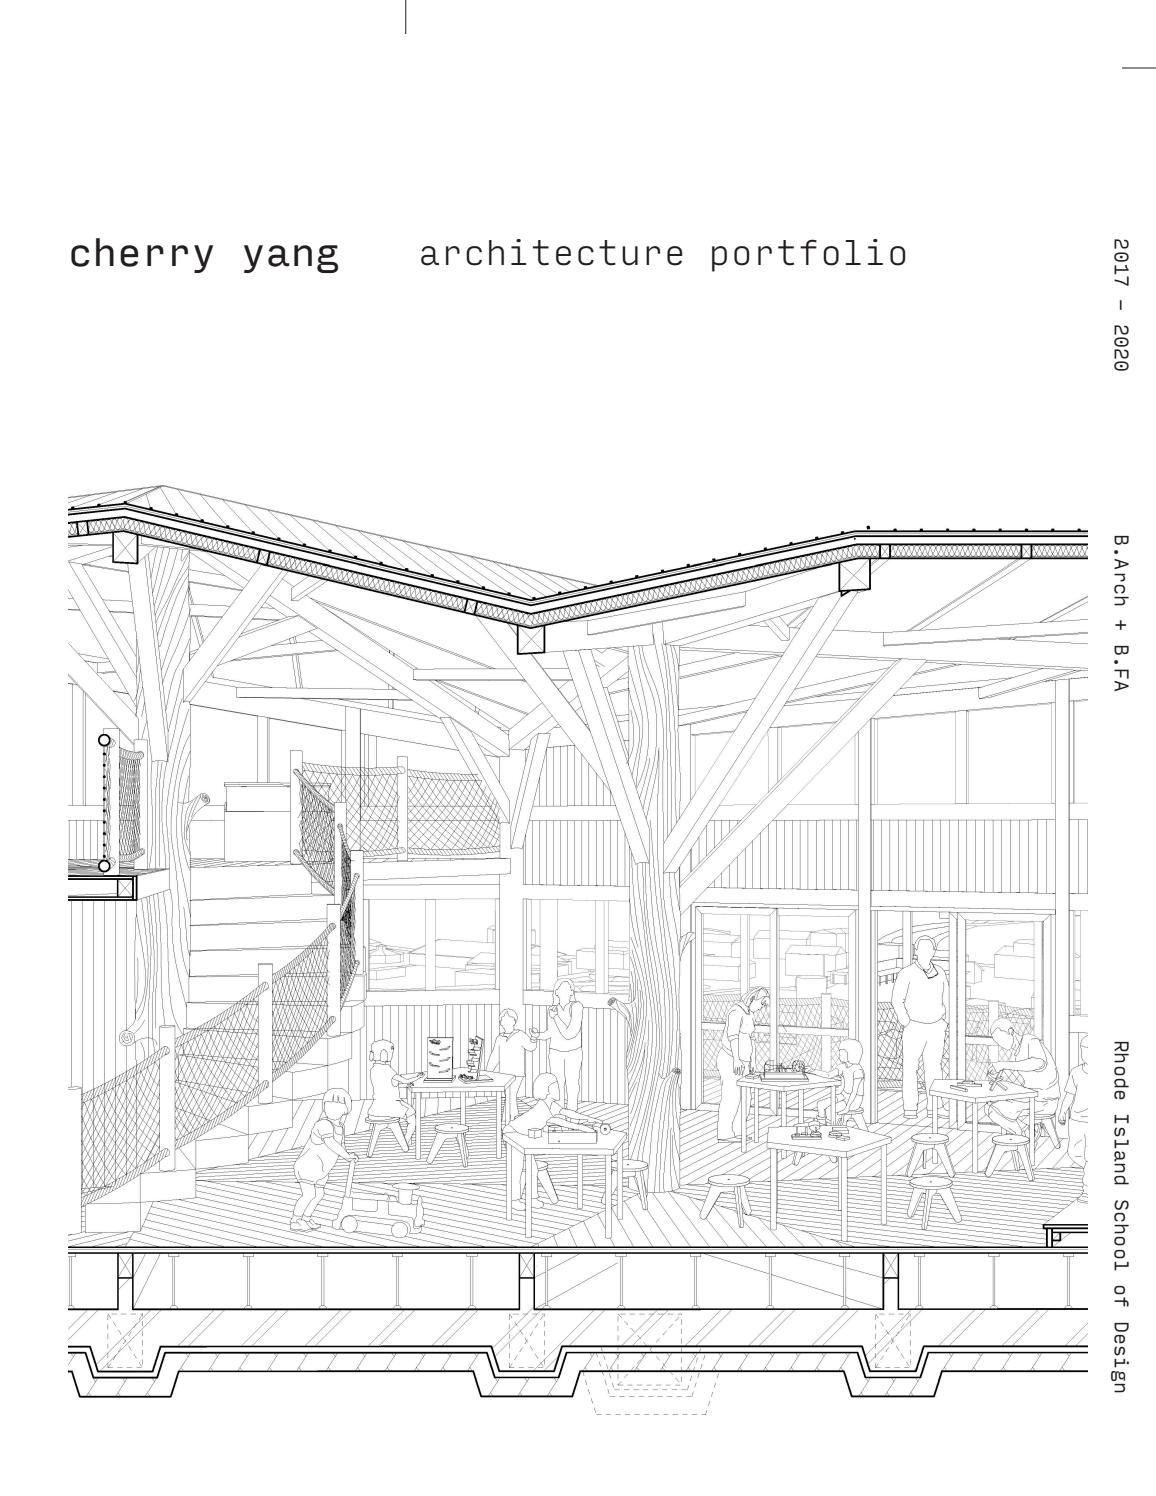 Cherry Yang Risd Portfolio 2020 By Cherry Yang Issuu